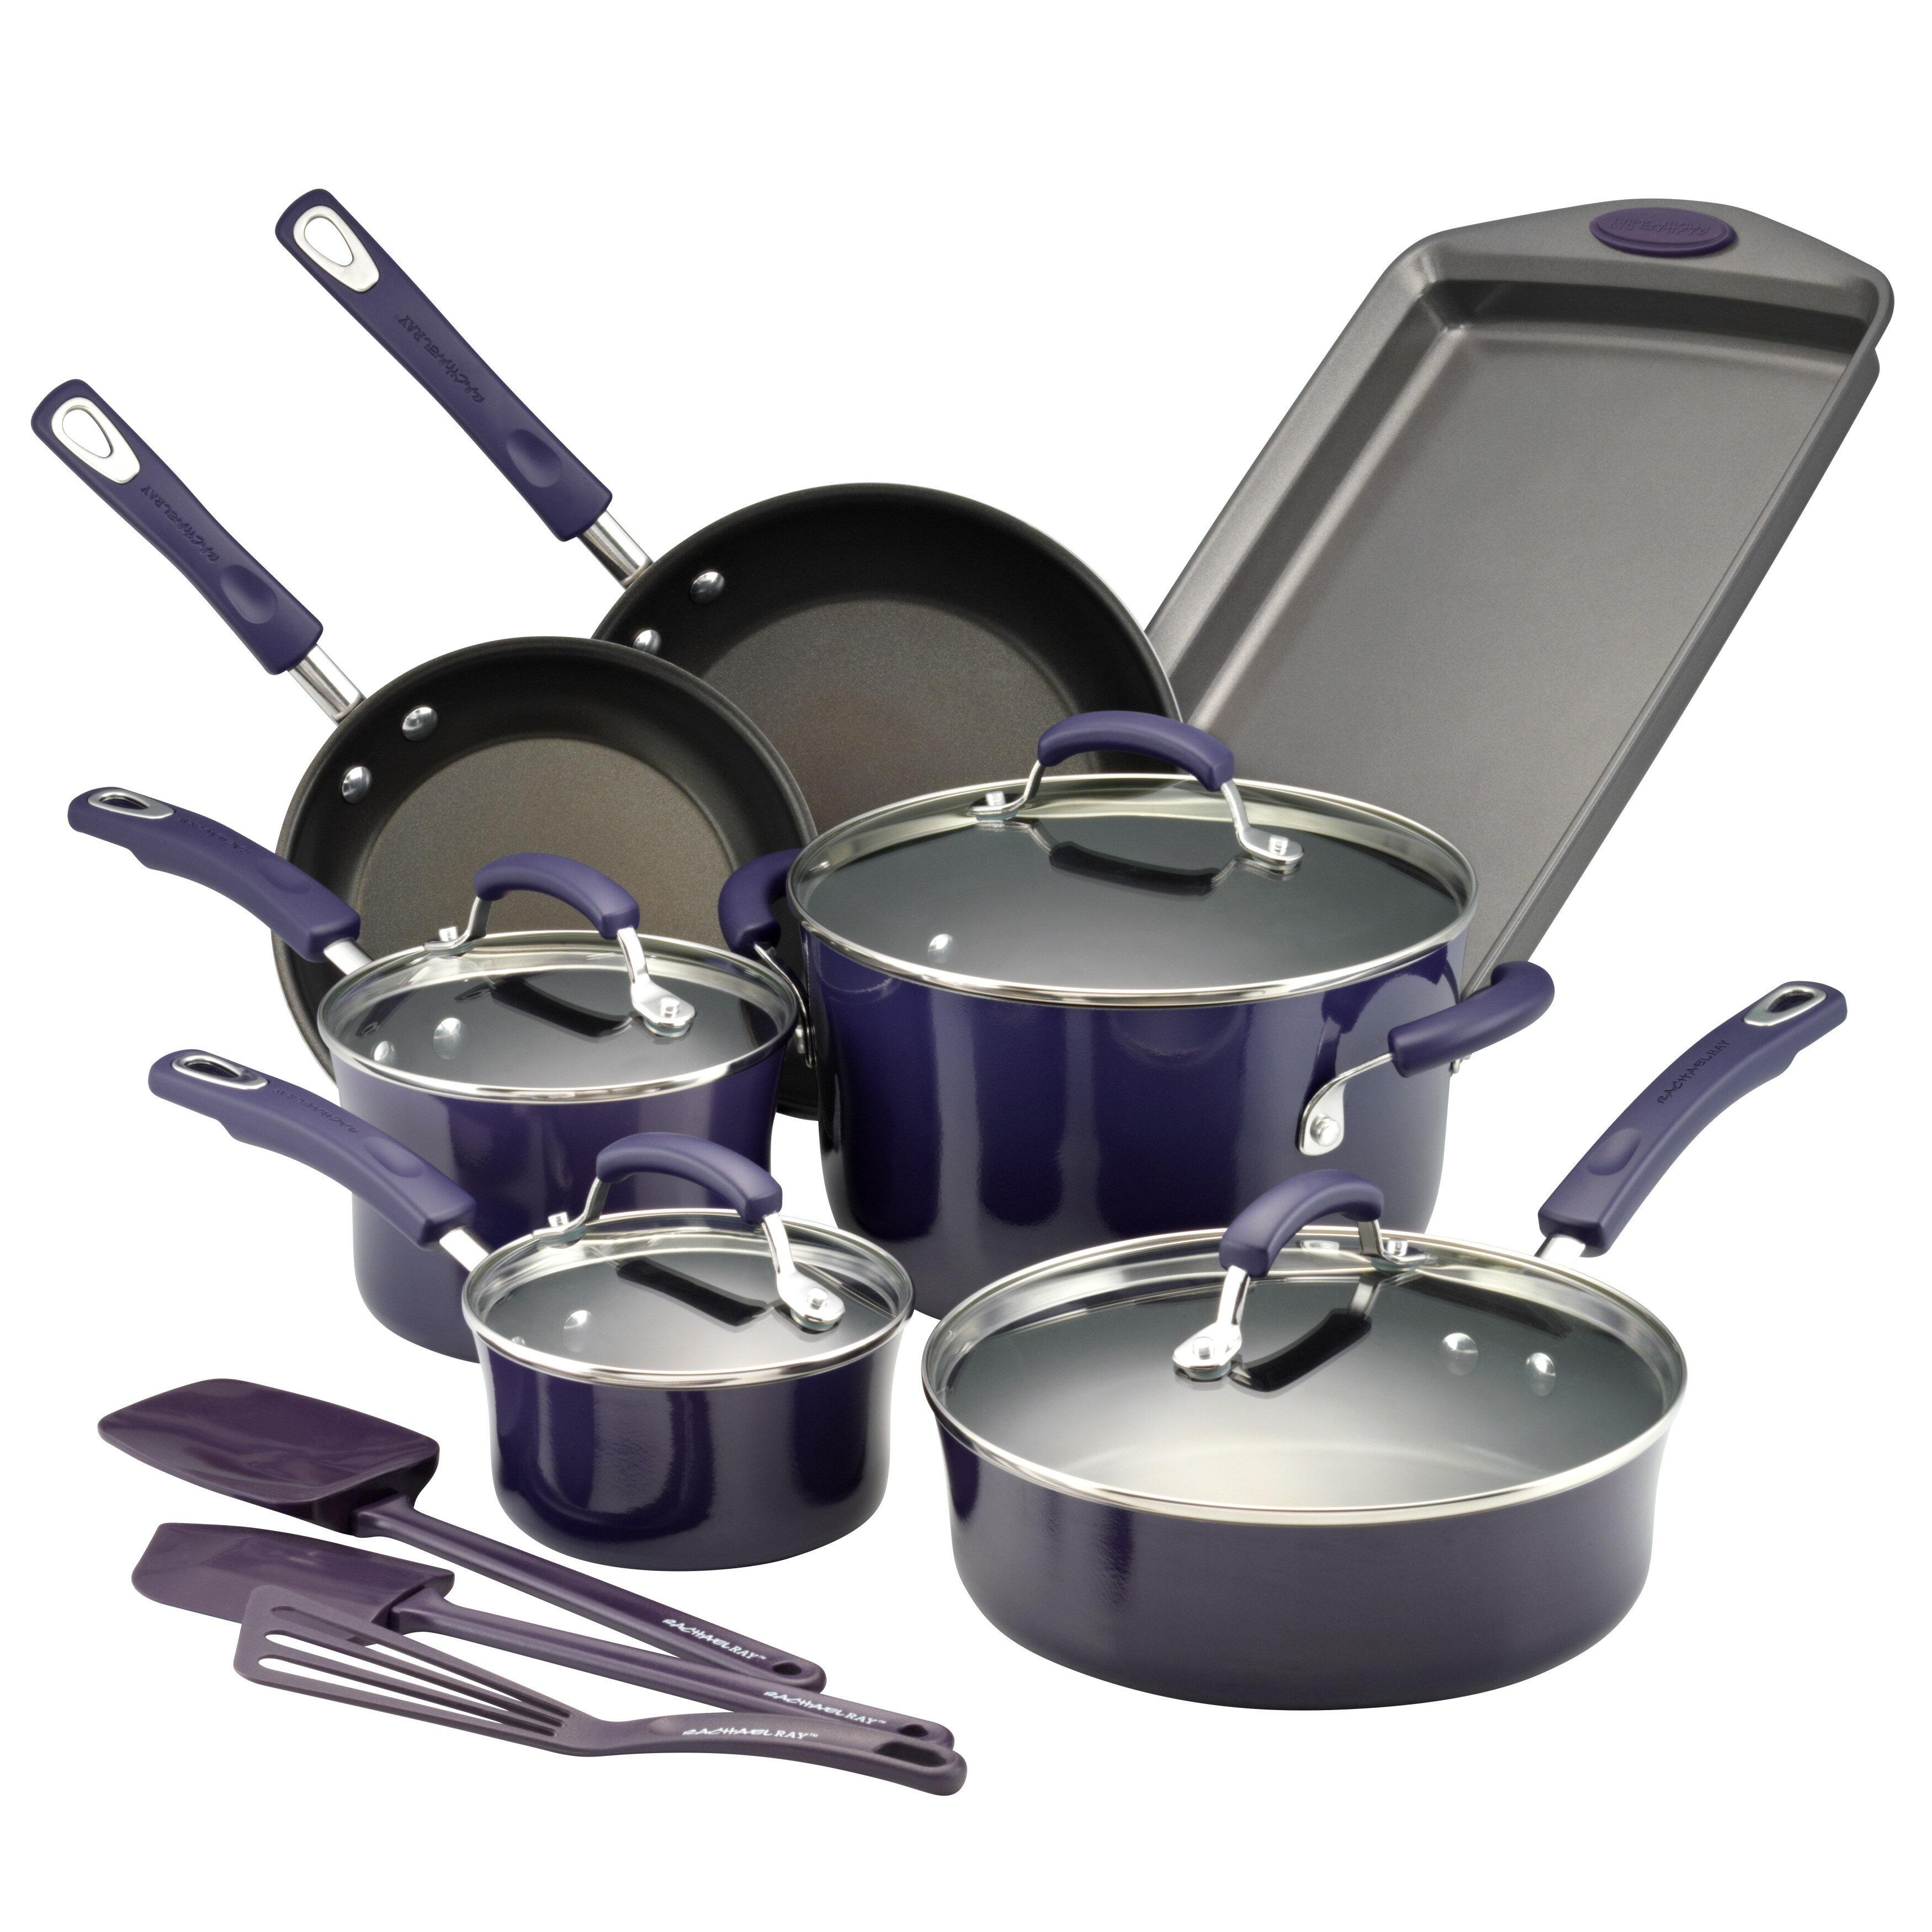 Rachael Ray 14 Piece Nonstick Cookware Set Reviews Wayfair